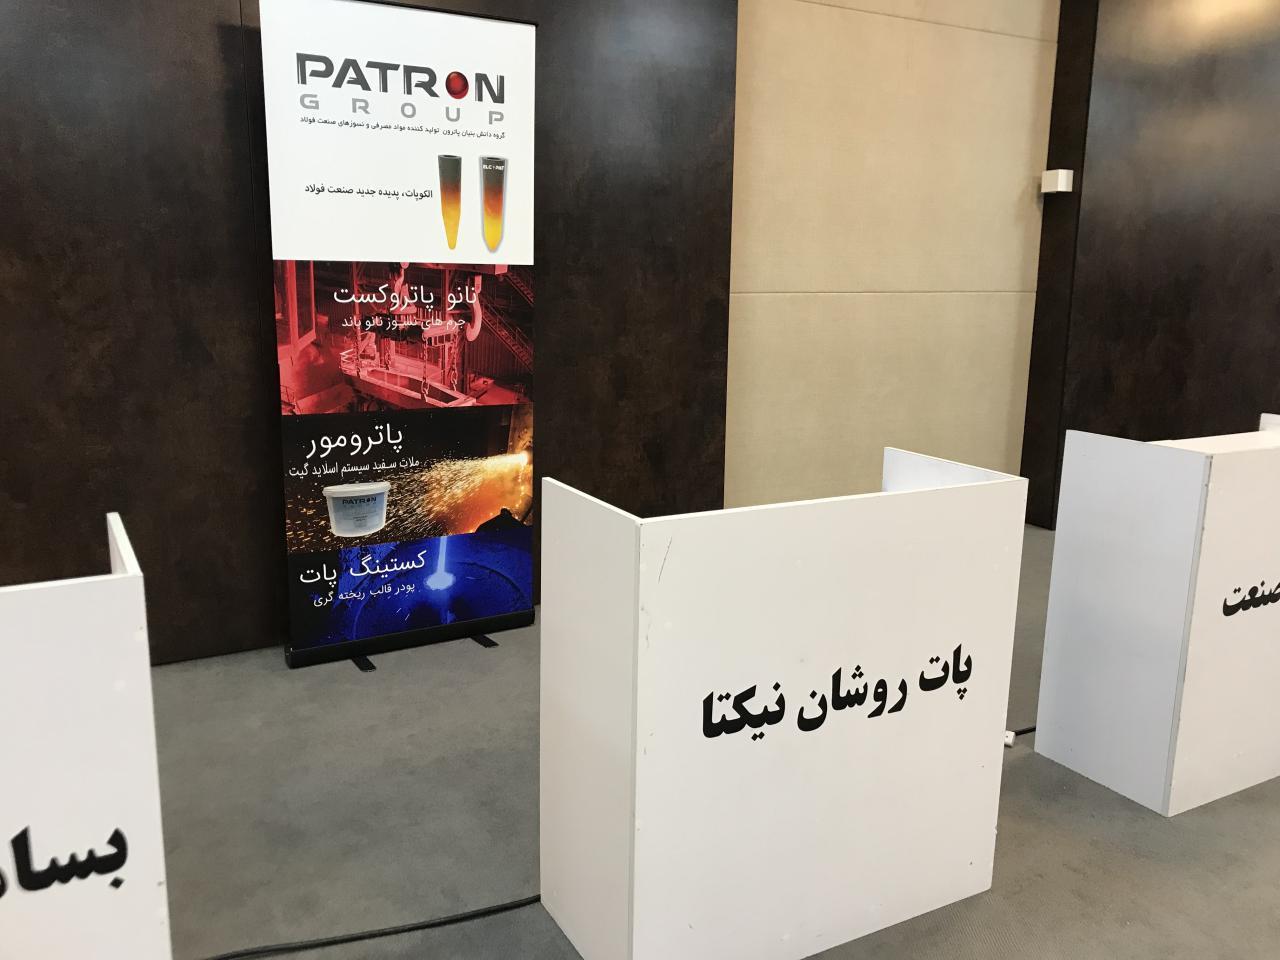 کلیپی از حضور پاترون در جشنواره فولاد